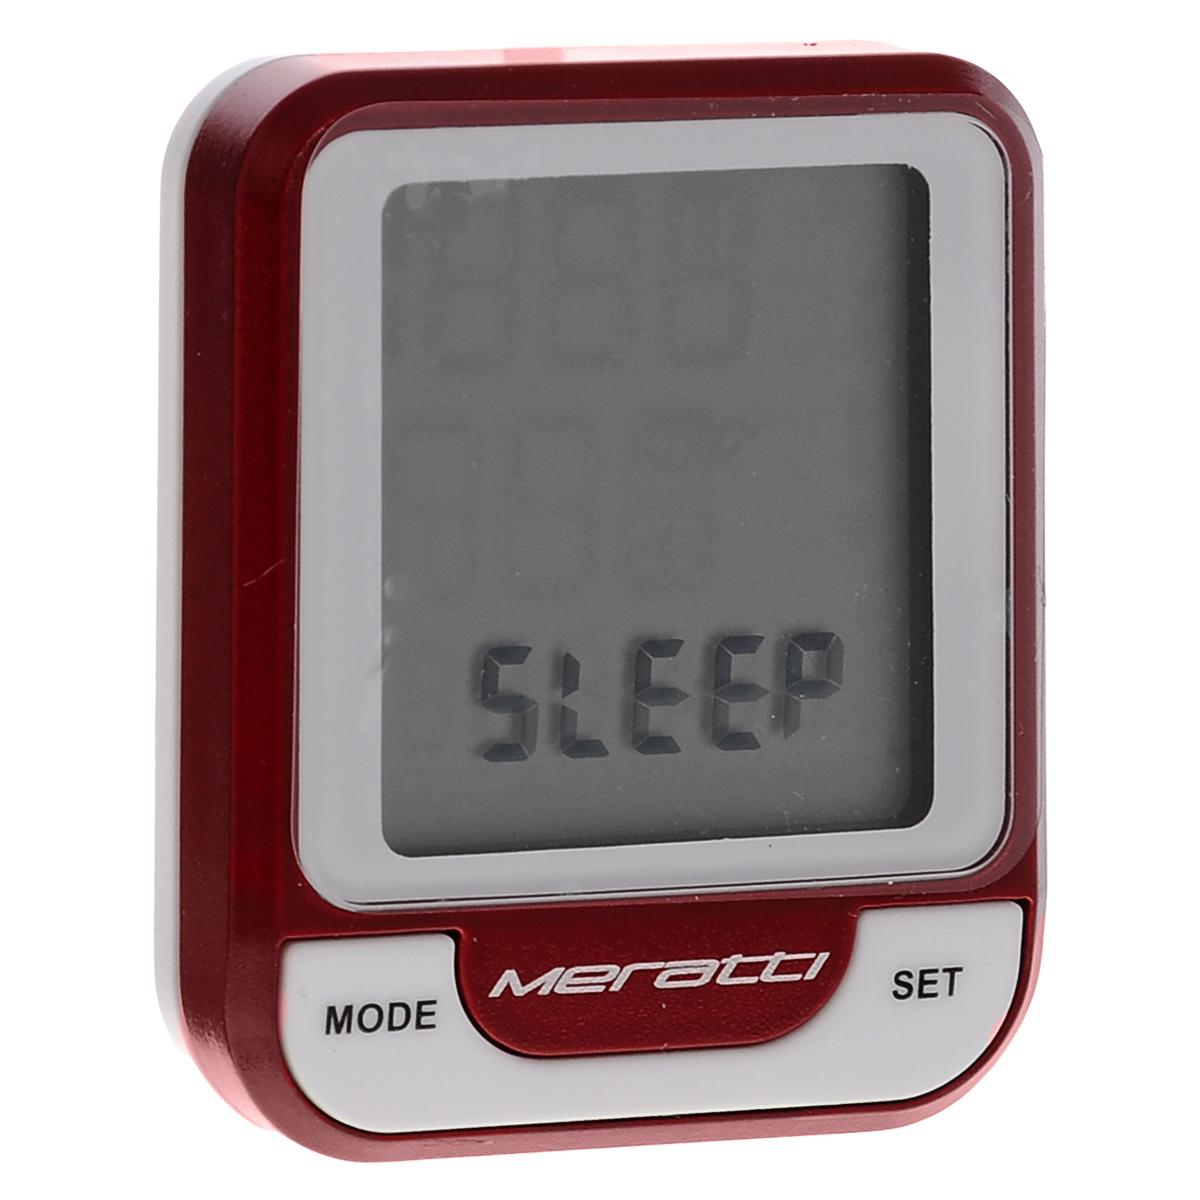 Велокомпьютер беспроводной Meratti, с кардиодатчикомZ90 blackБеспроводной компьютер Meratti выполнен из высококачественного прочного пластика. Оснащен кардиодатчиком C014. Компьютер питается от 1 батарейки CR2032 (в комплекте).Особенности: Аналоговый способ передачи сигнала 5.3K. Показания монитора: время (часы, минуты, секунды), скорость, средняя скорость, максимальная скорость, тенденция скорости, пульс, средний пульс, максимальный пульс, тенденция пульса, 4 пакета зон пульса, время поездки, суммарное время пробега, общий пробег, общий расход калорий. Режимы: SCAN.